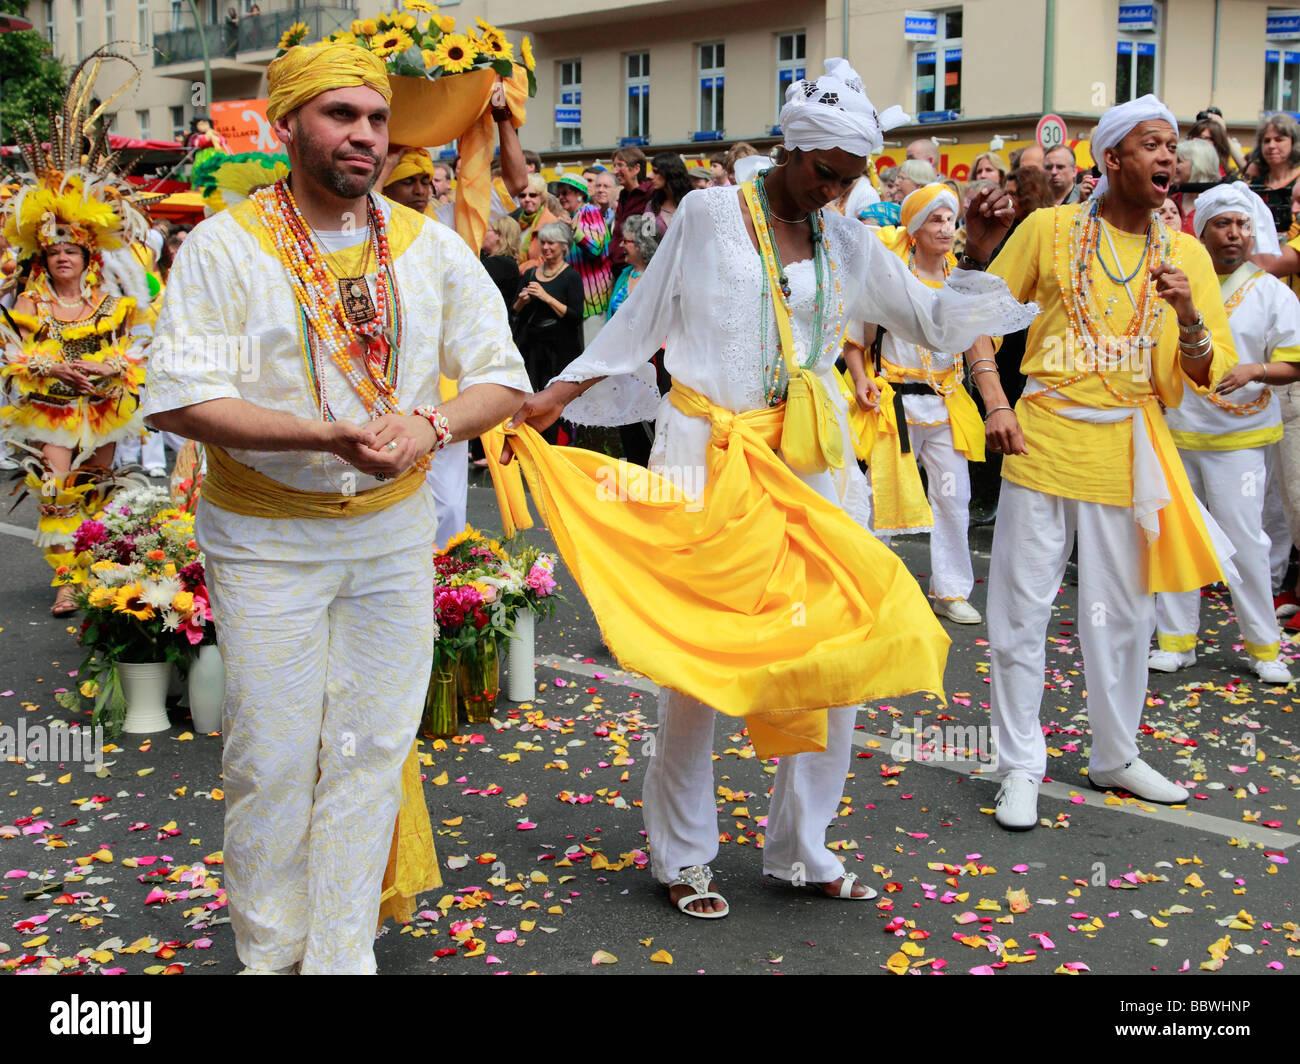 Carnaval de las Culturas de Berlín Alemania pueblo brasileño Imagen De Stock